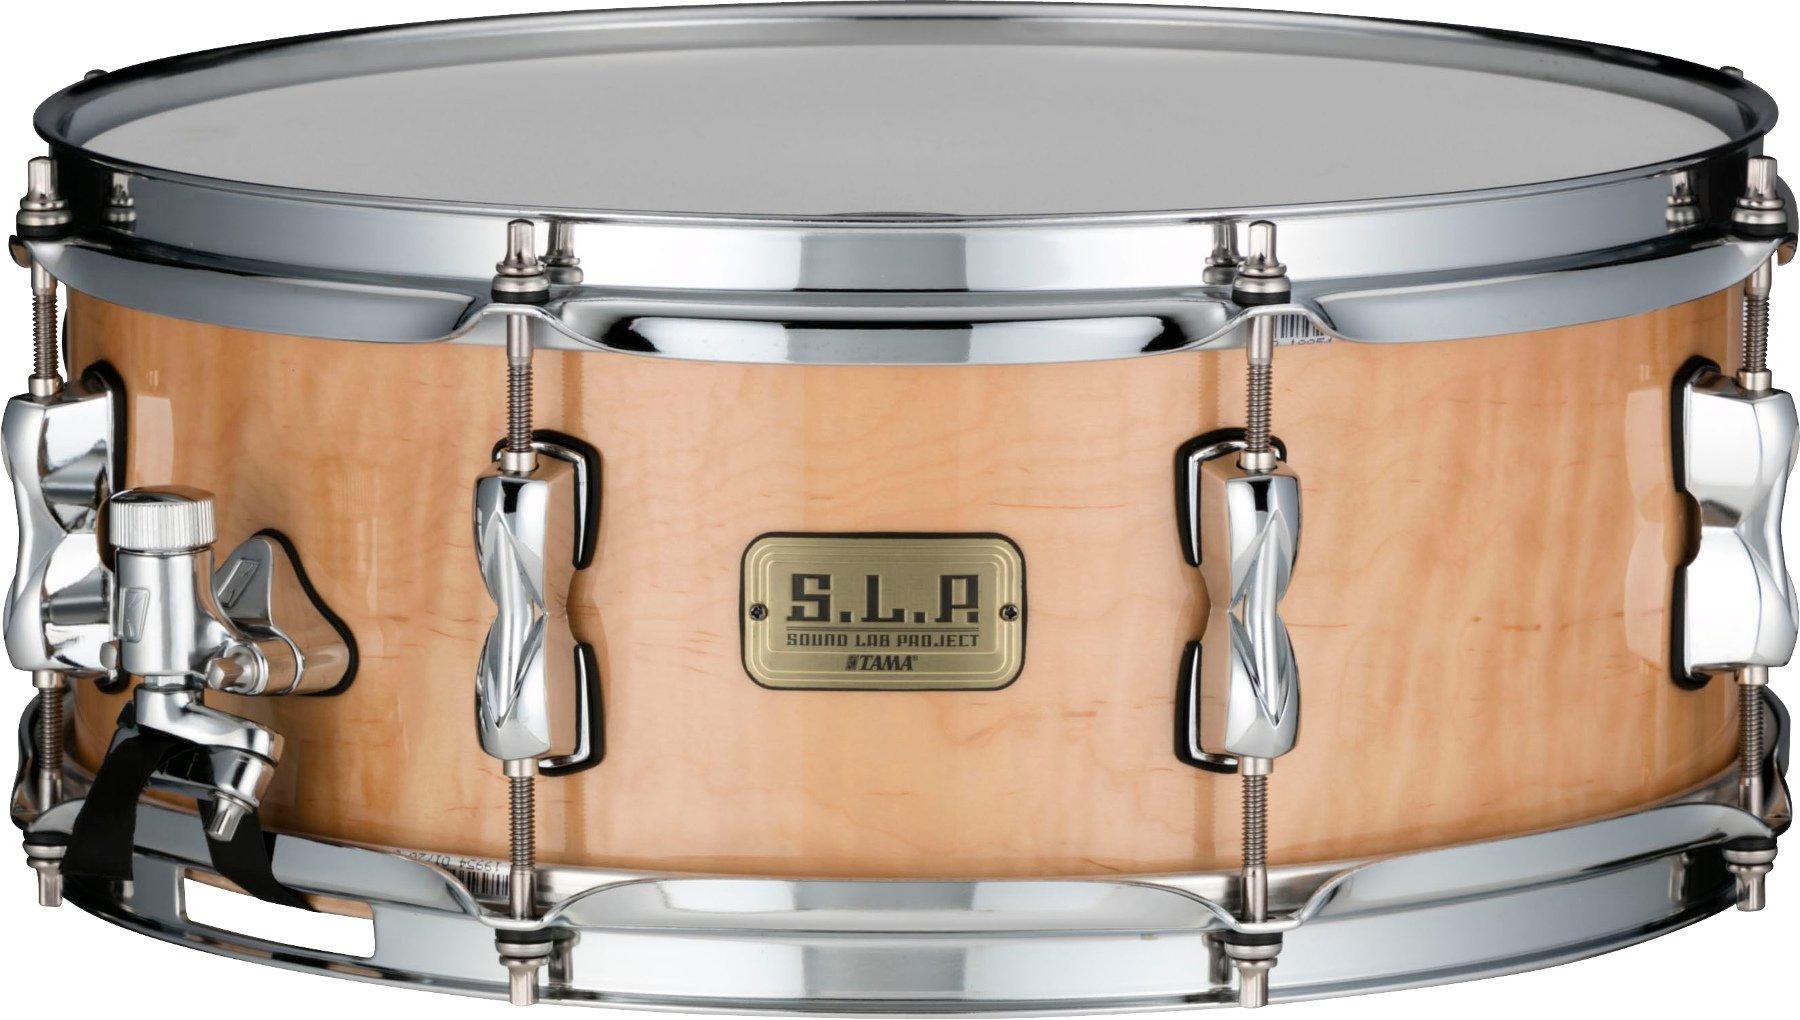 """Vintage Poplar Maple Snare Drum, 5.5""""x14"""""""